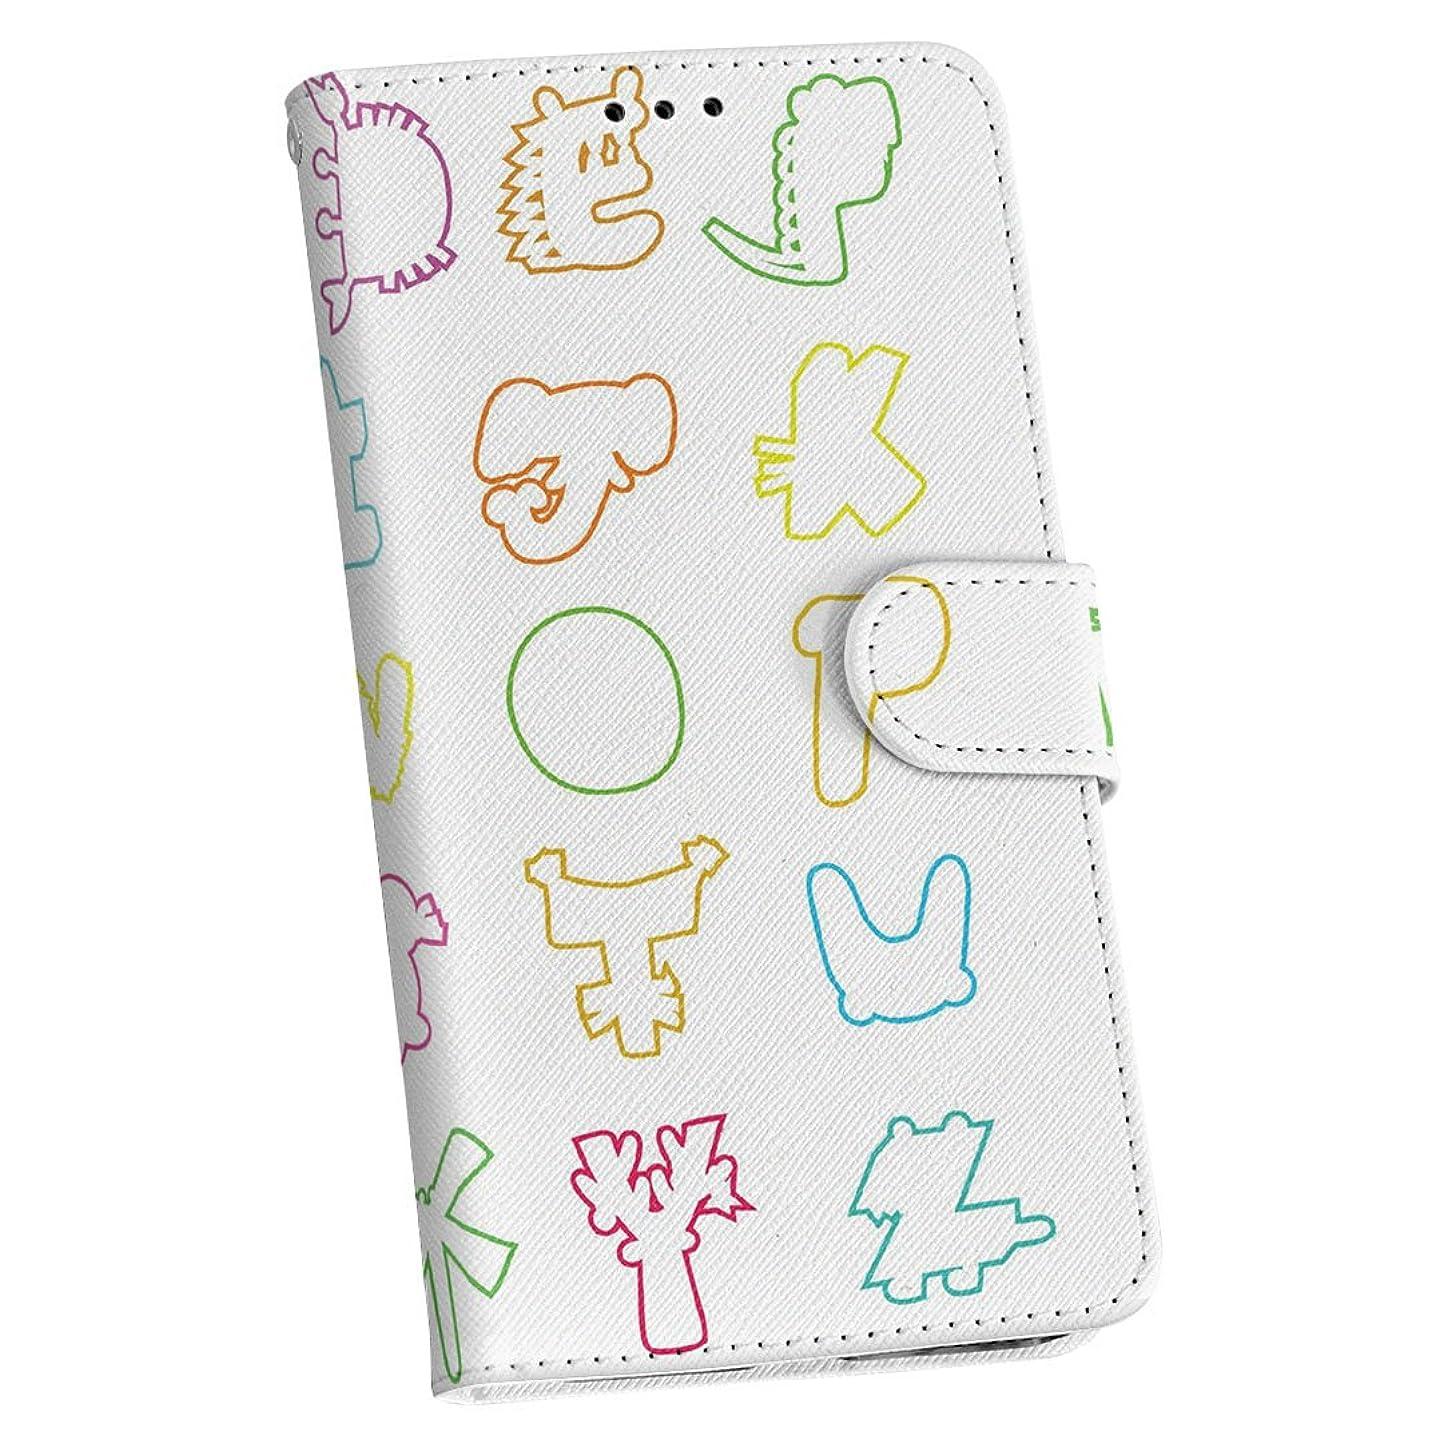 困惑した基礎傘iphone7 ケース カバー 手帳 スマコレ 手帳型 レザー 手帳タイプ 革 スマホケース スマホカバー 002507 ラブリー 英語 文字 カラフル